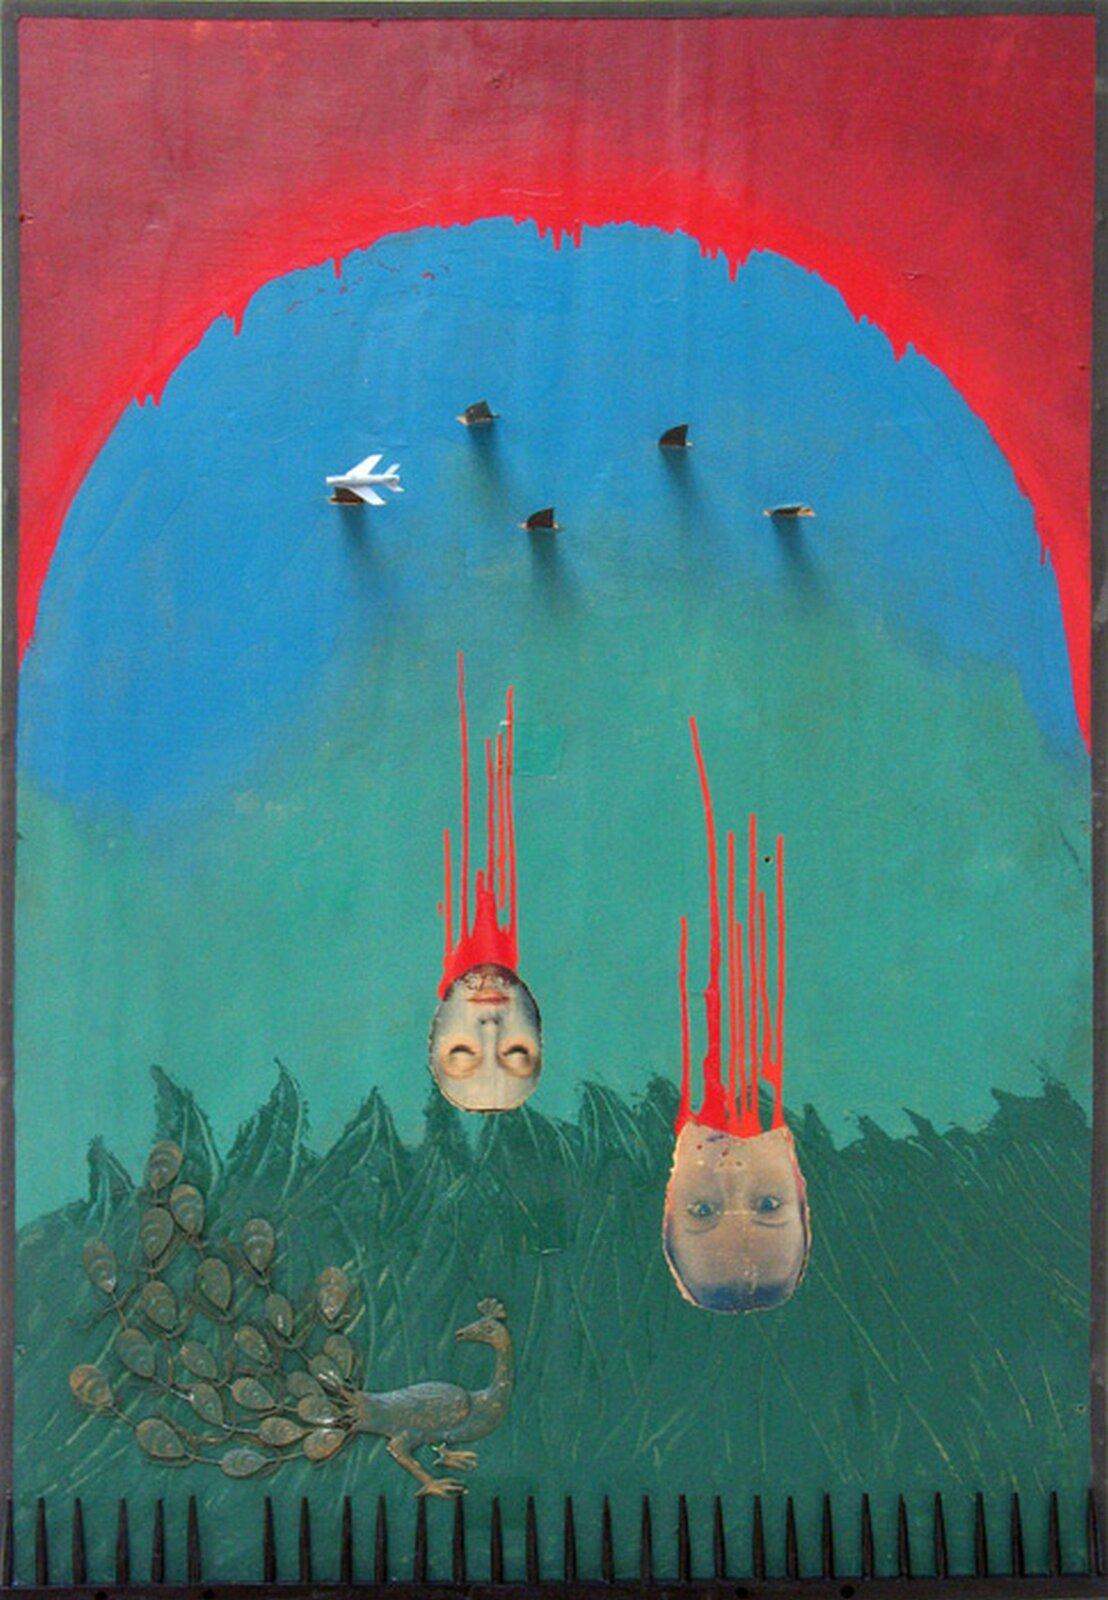 """Ilustracja przedstawiająca asamblaż Władysława Hasiora pt. """"Napad na arkadię"""". Przedstawia on samolot zrzucający bomby, pod którym znajdują się krwawiące głowy. Pod głowami znajduje się paw."""